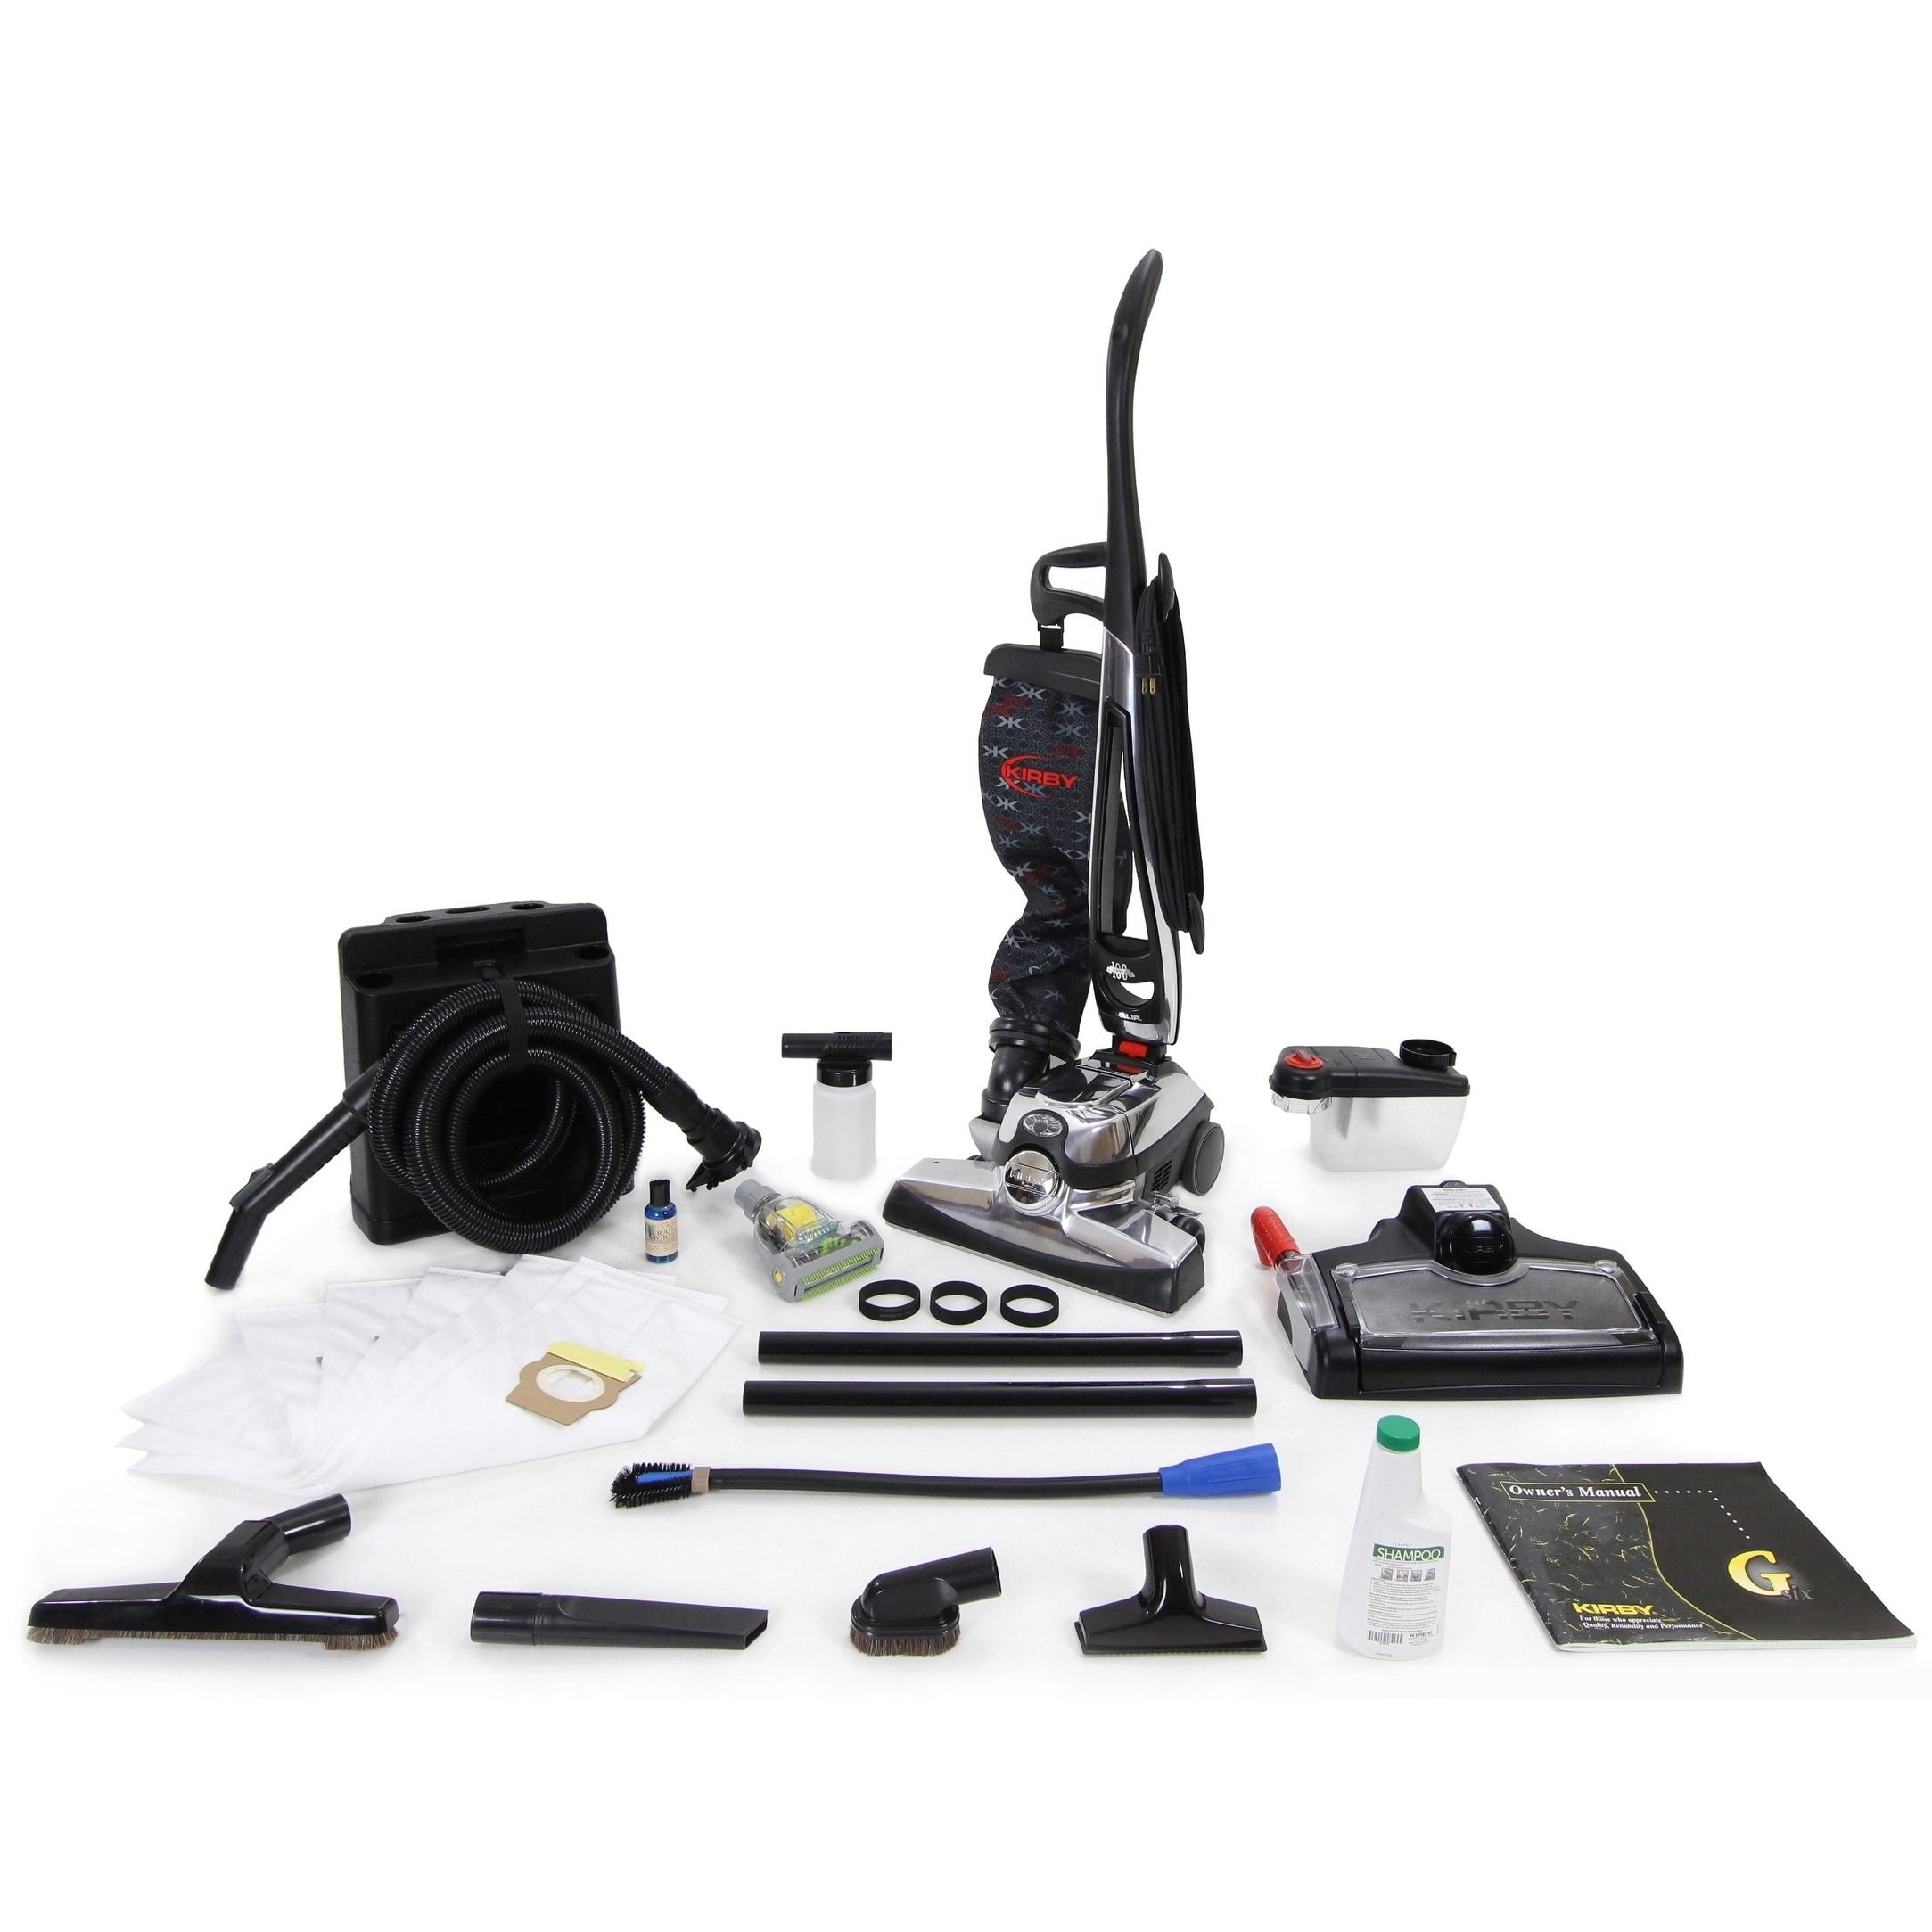 12-Bags Replacement Vacuum Bag for Kirby Genuine Avalir Bag